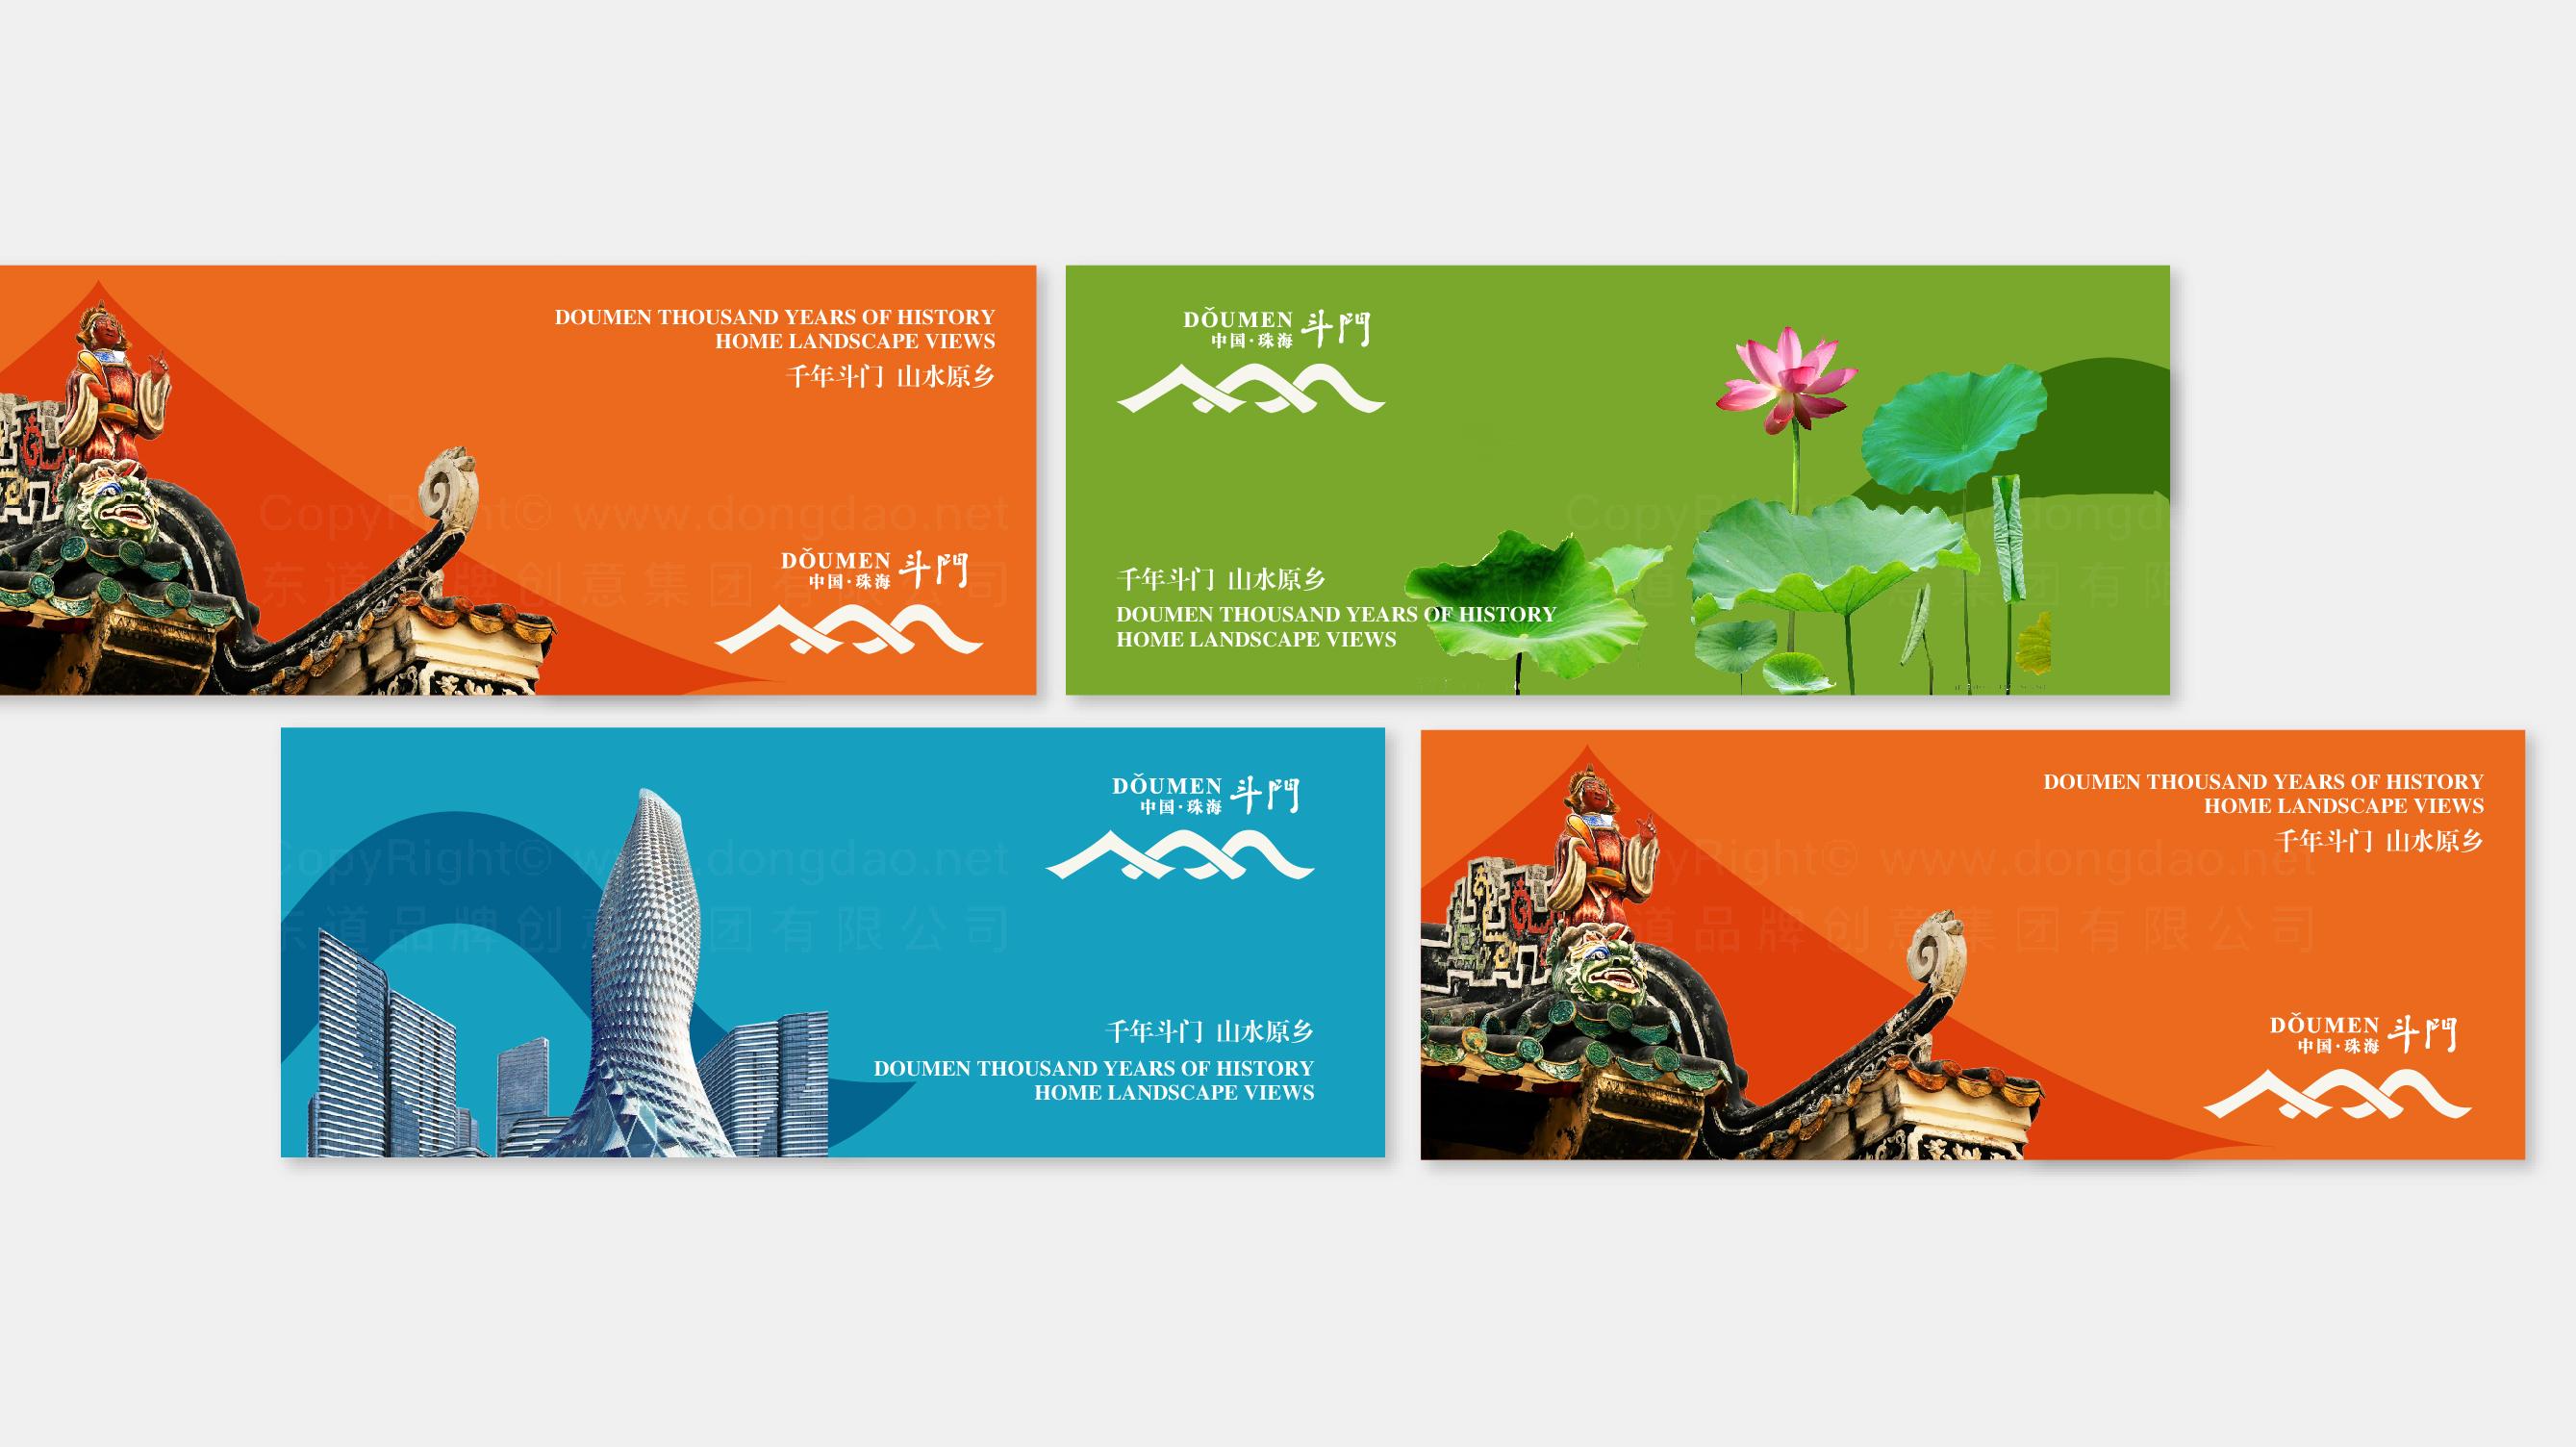 旅游局logo设计、vi设计应用场景